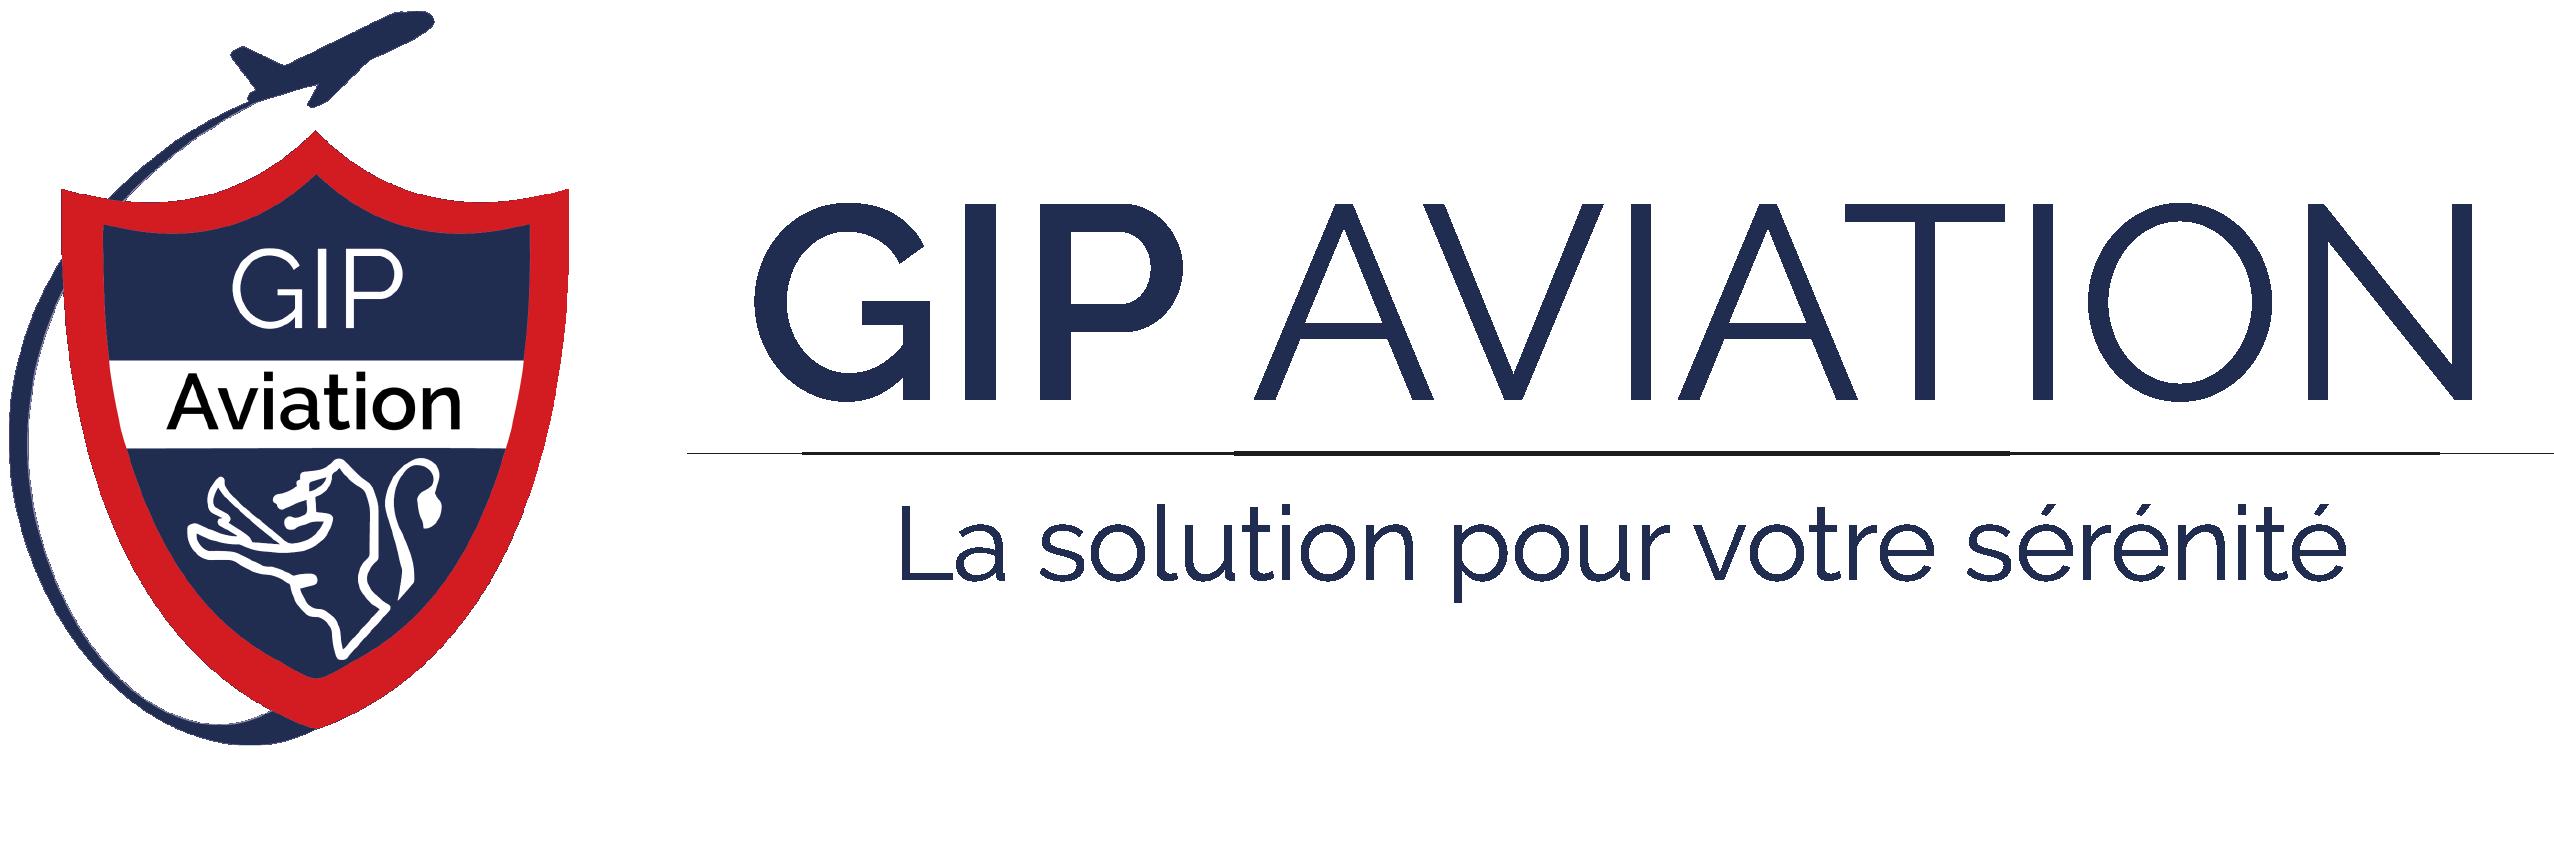 GIP Aviation : Sécurité aéroportuaire et sûreté portuaire